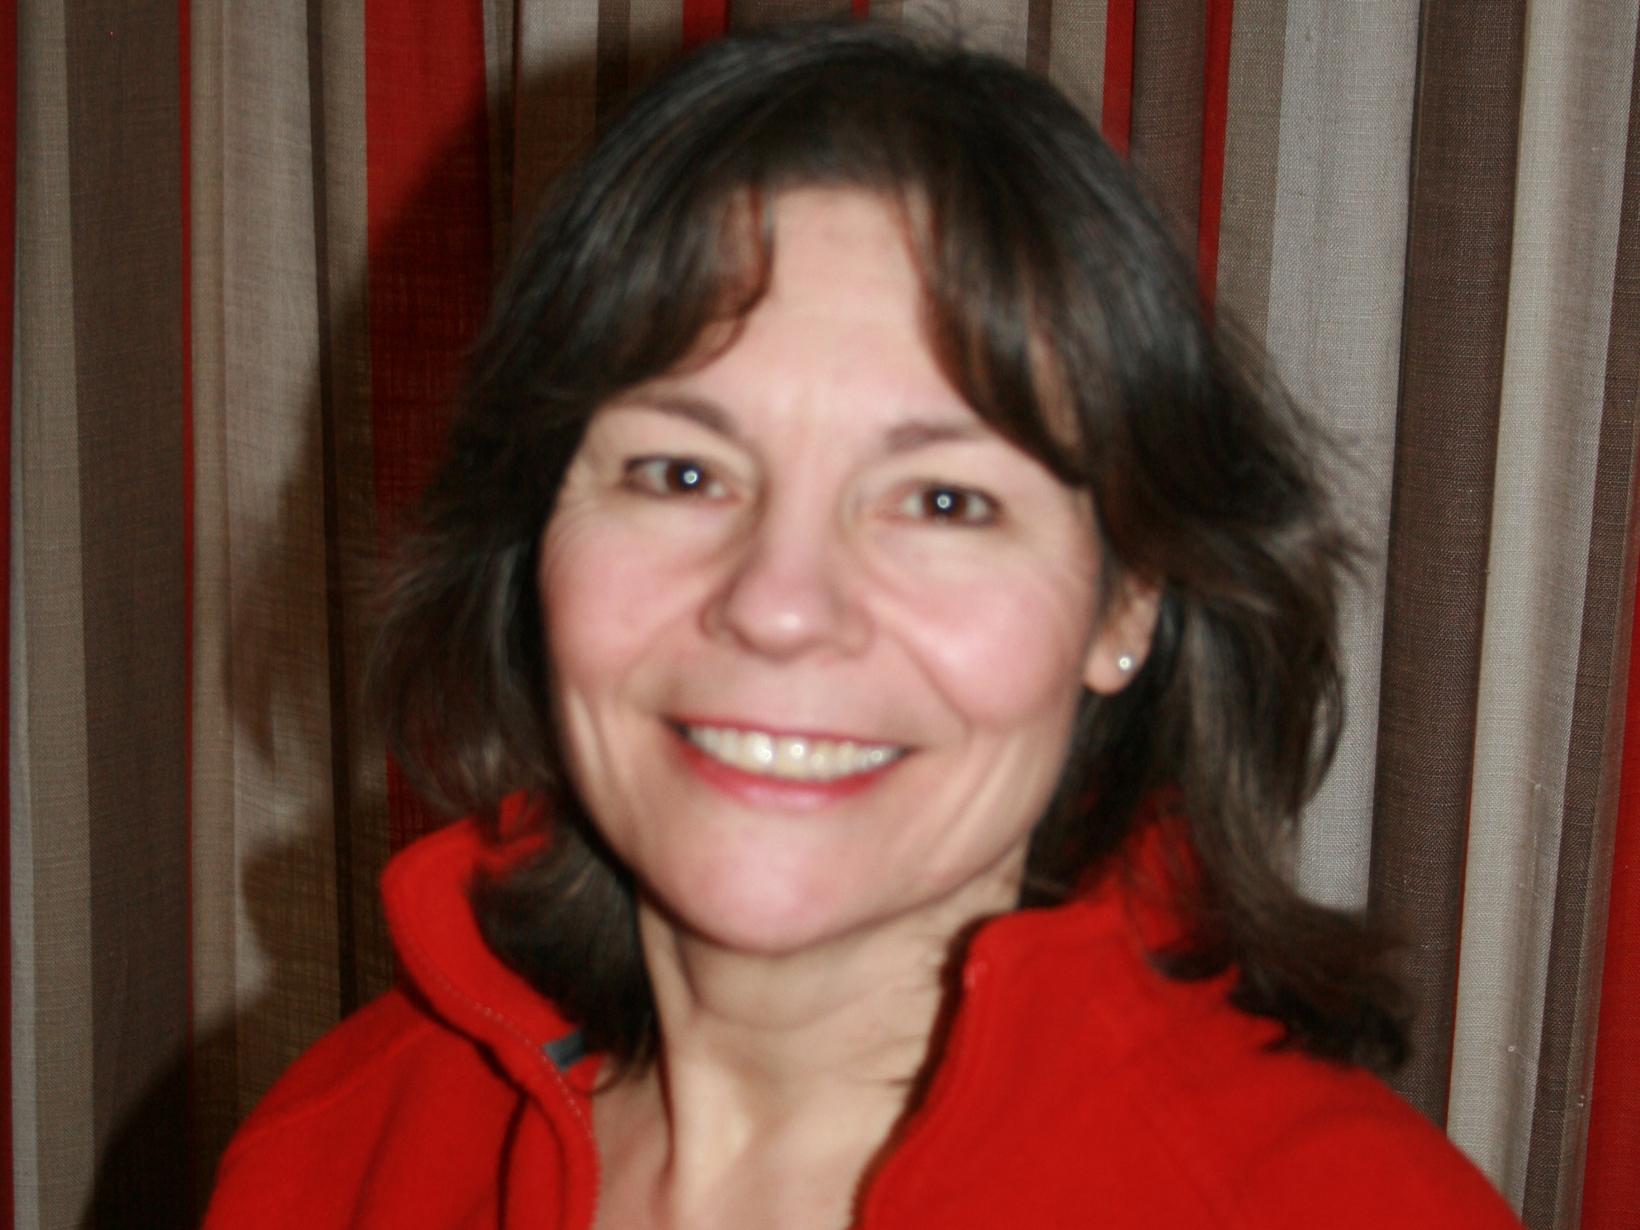 Alexandra from Bristol, United Kingdom